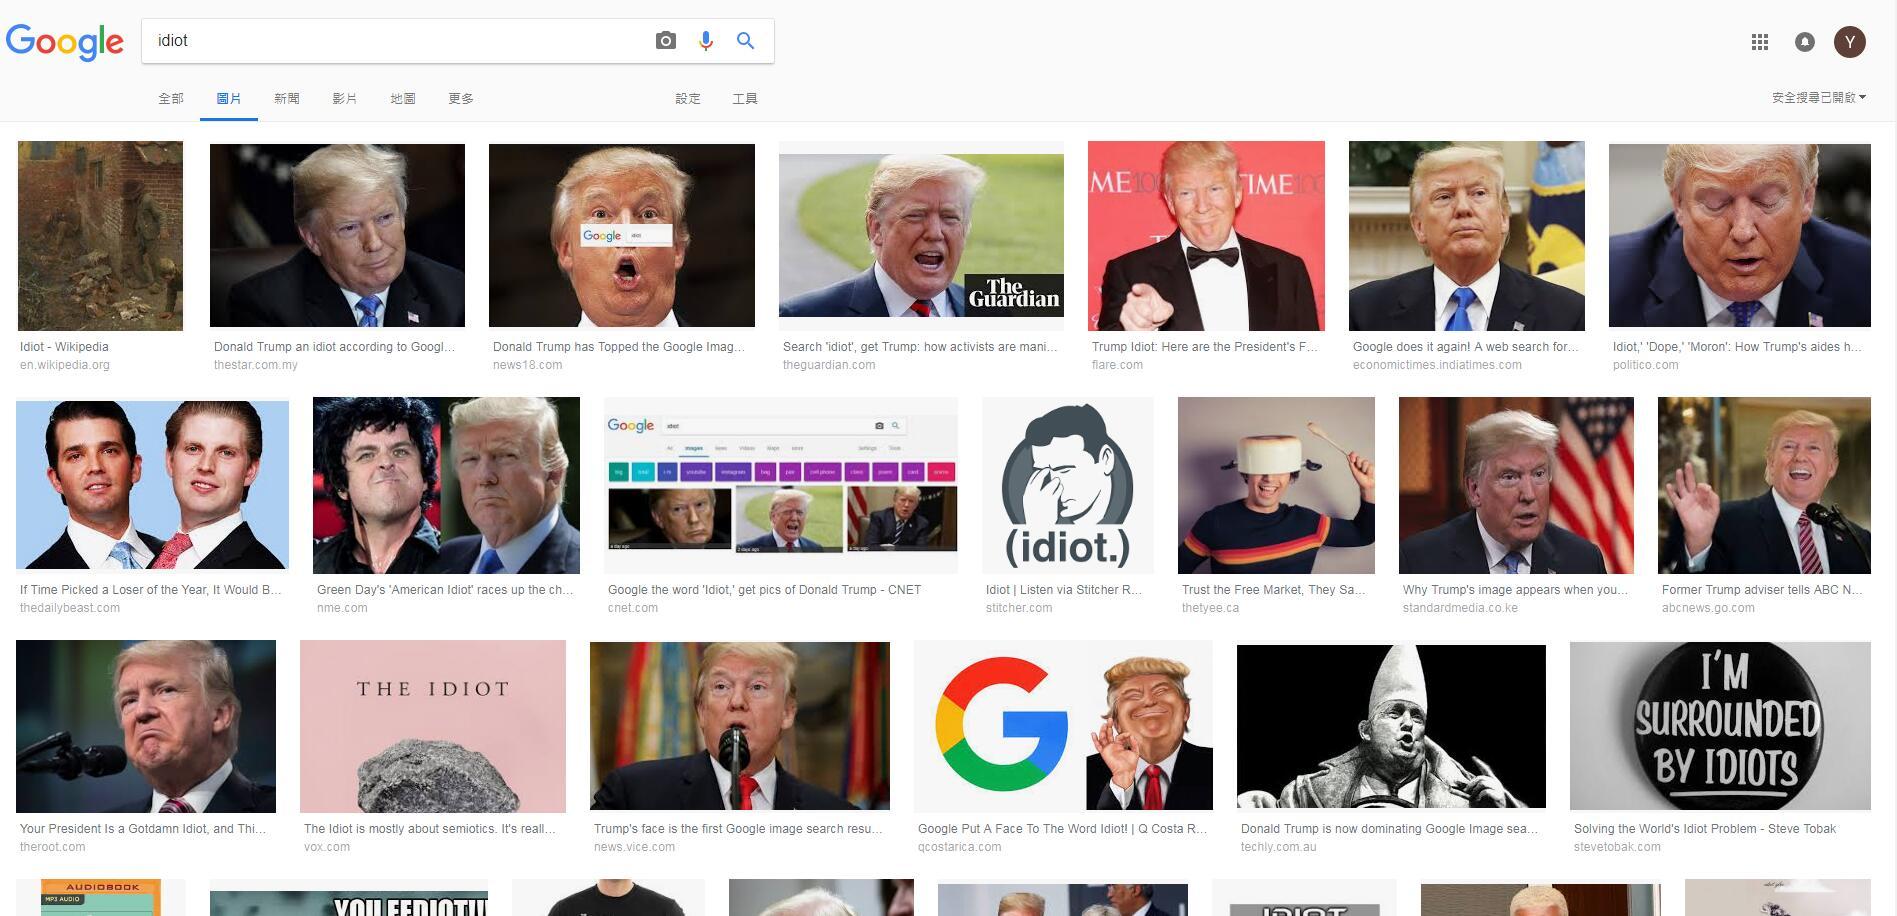 """搜索""""蠢货""""出现特朗普?谷歌CEO:没有人为干扰"""